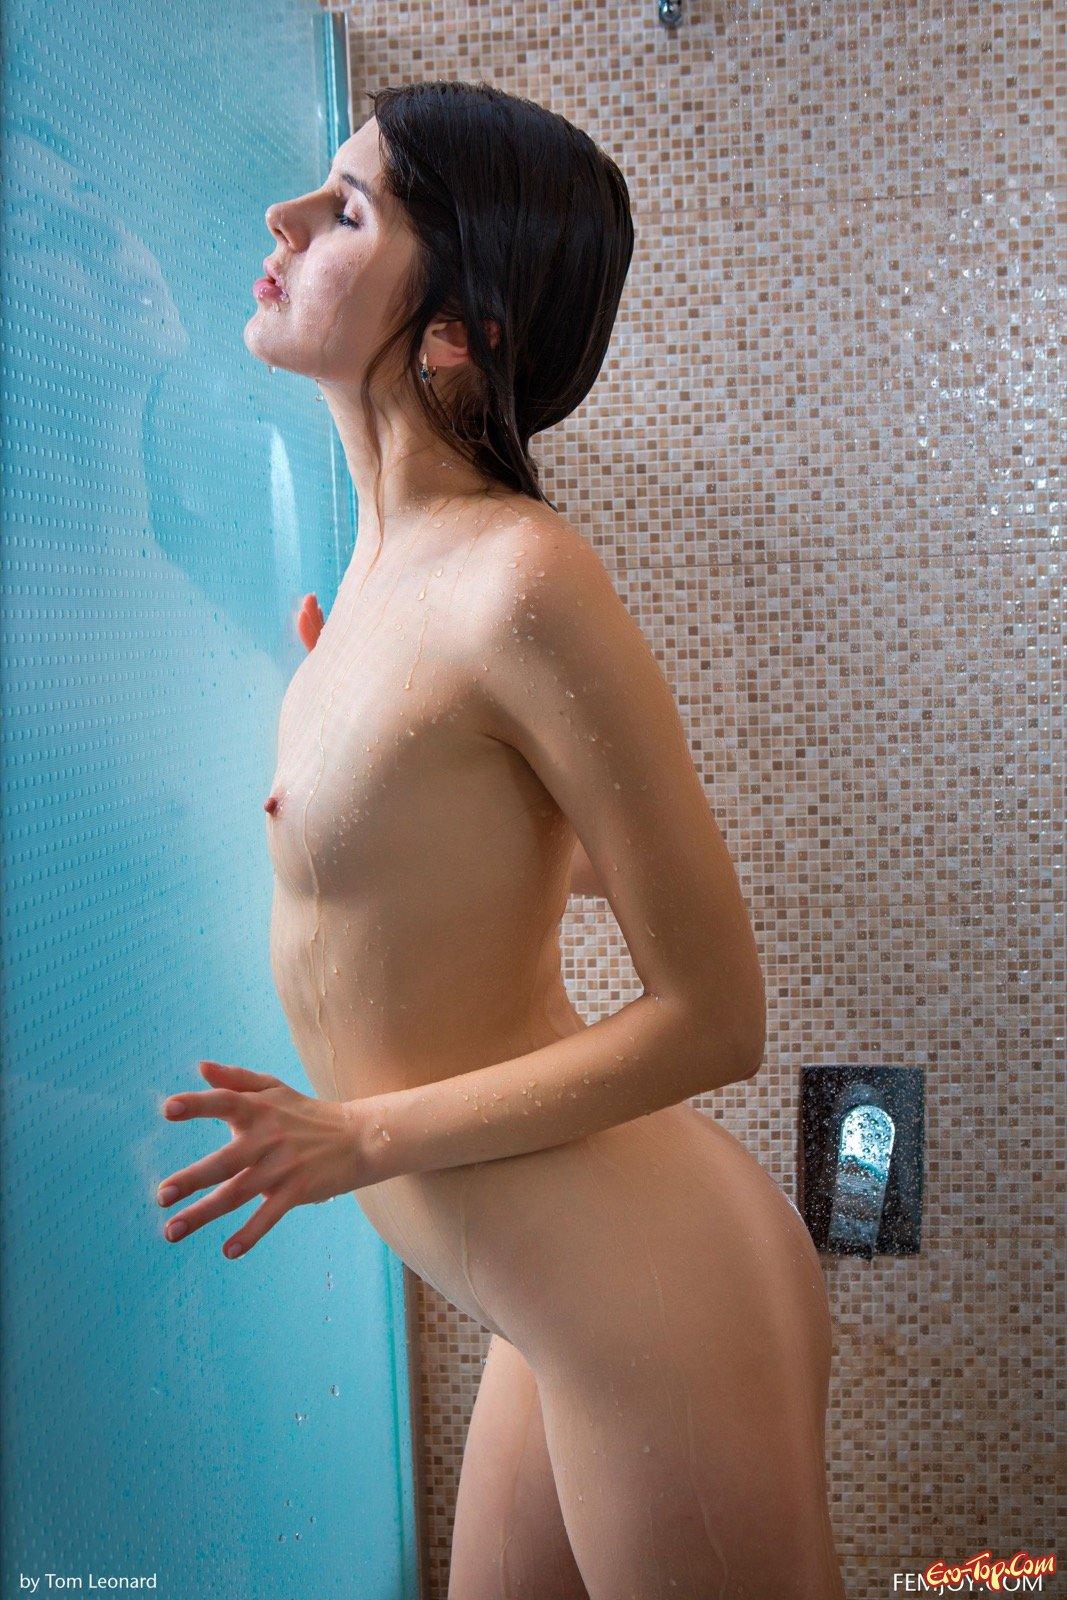 Красавица с маленькой грудью сняла трусы в ванной секс фото